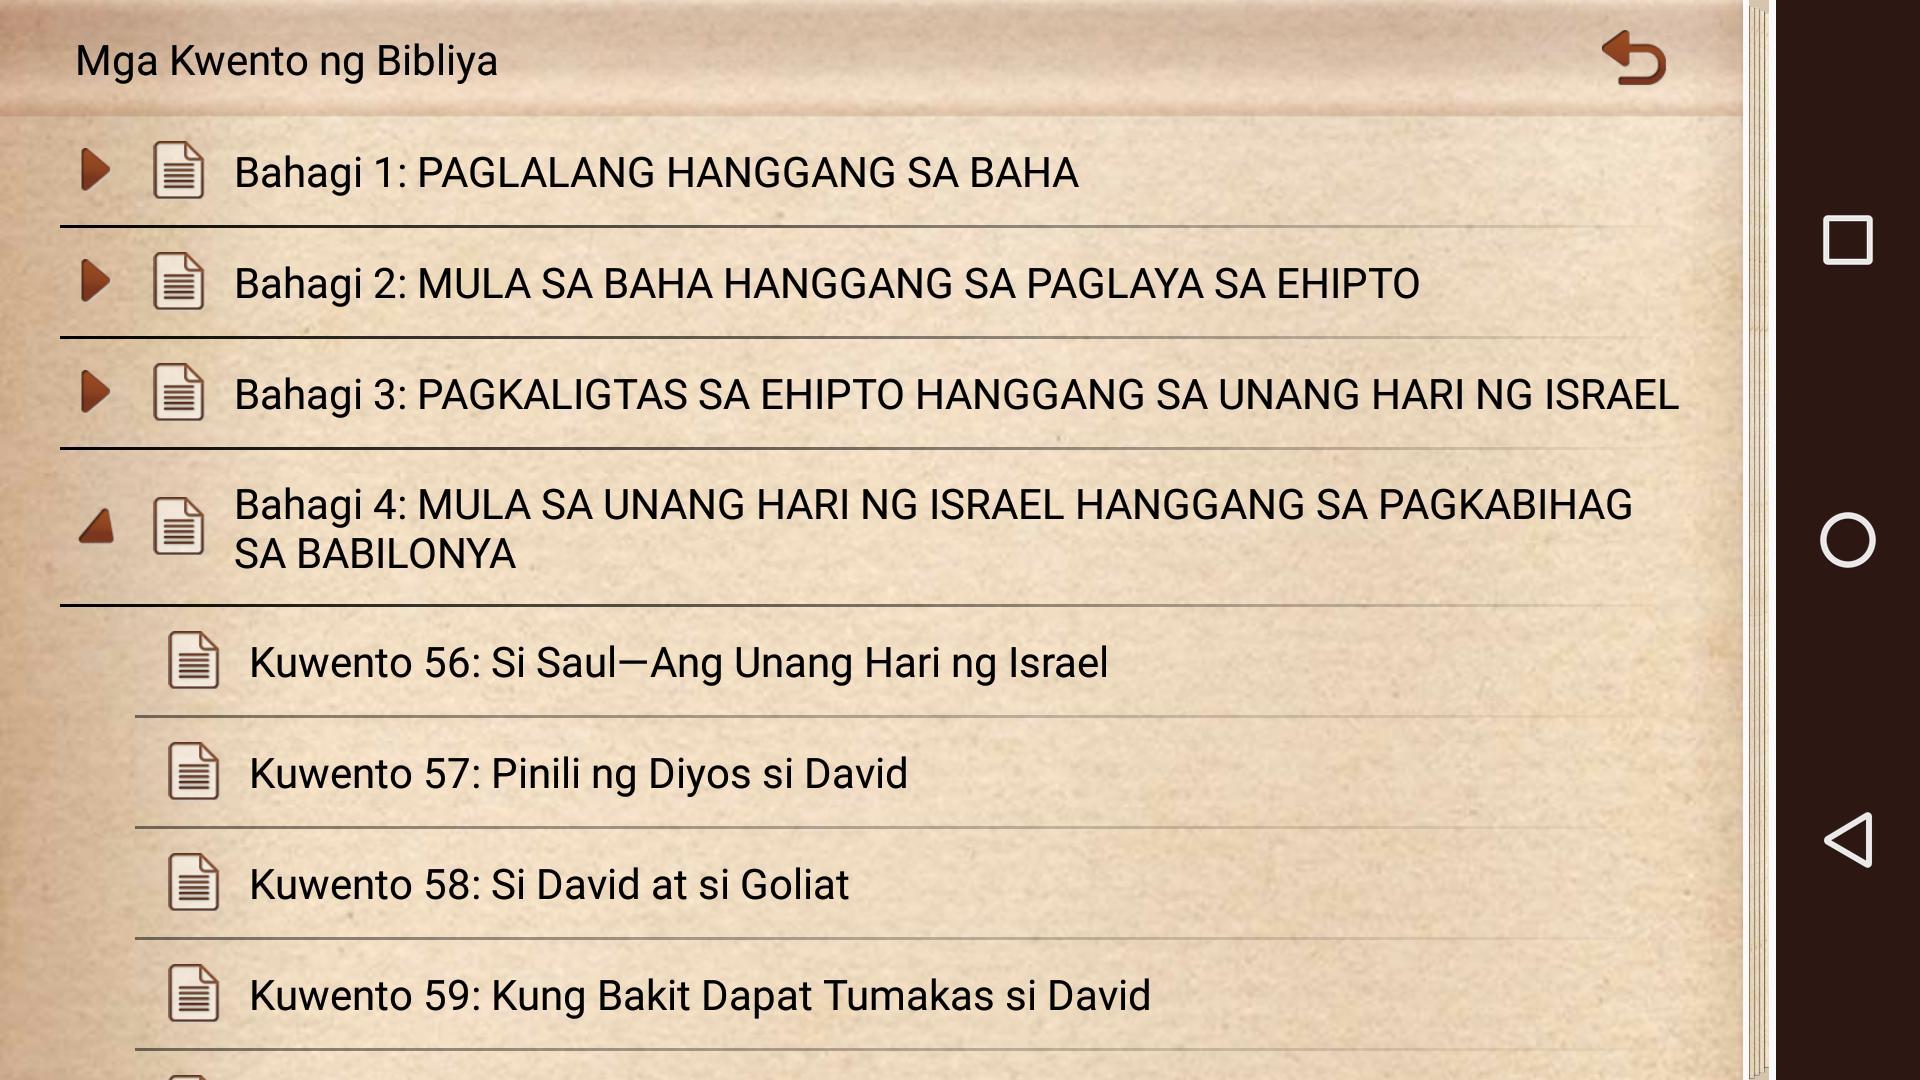 Ano ang dating pangalan ng Israeli